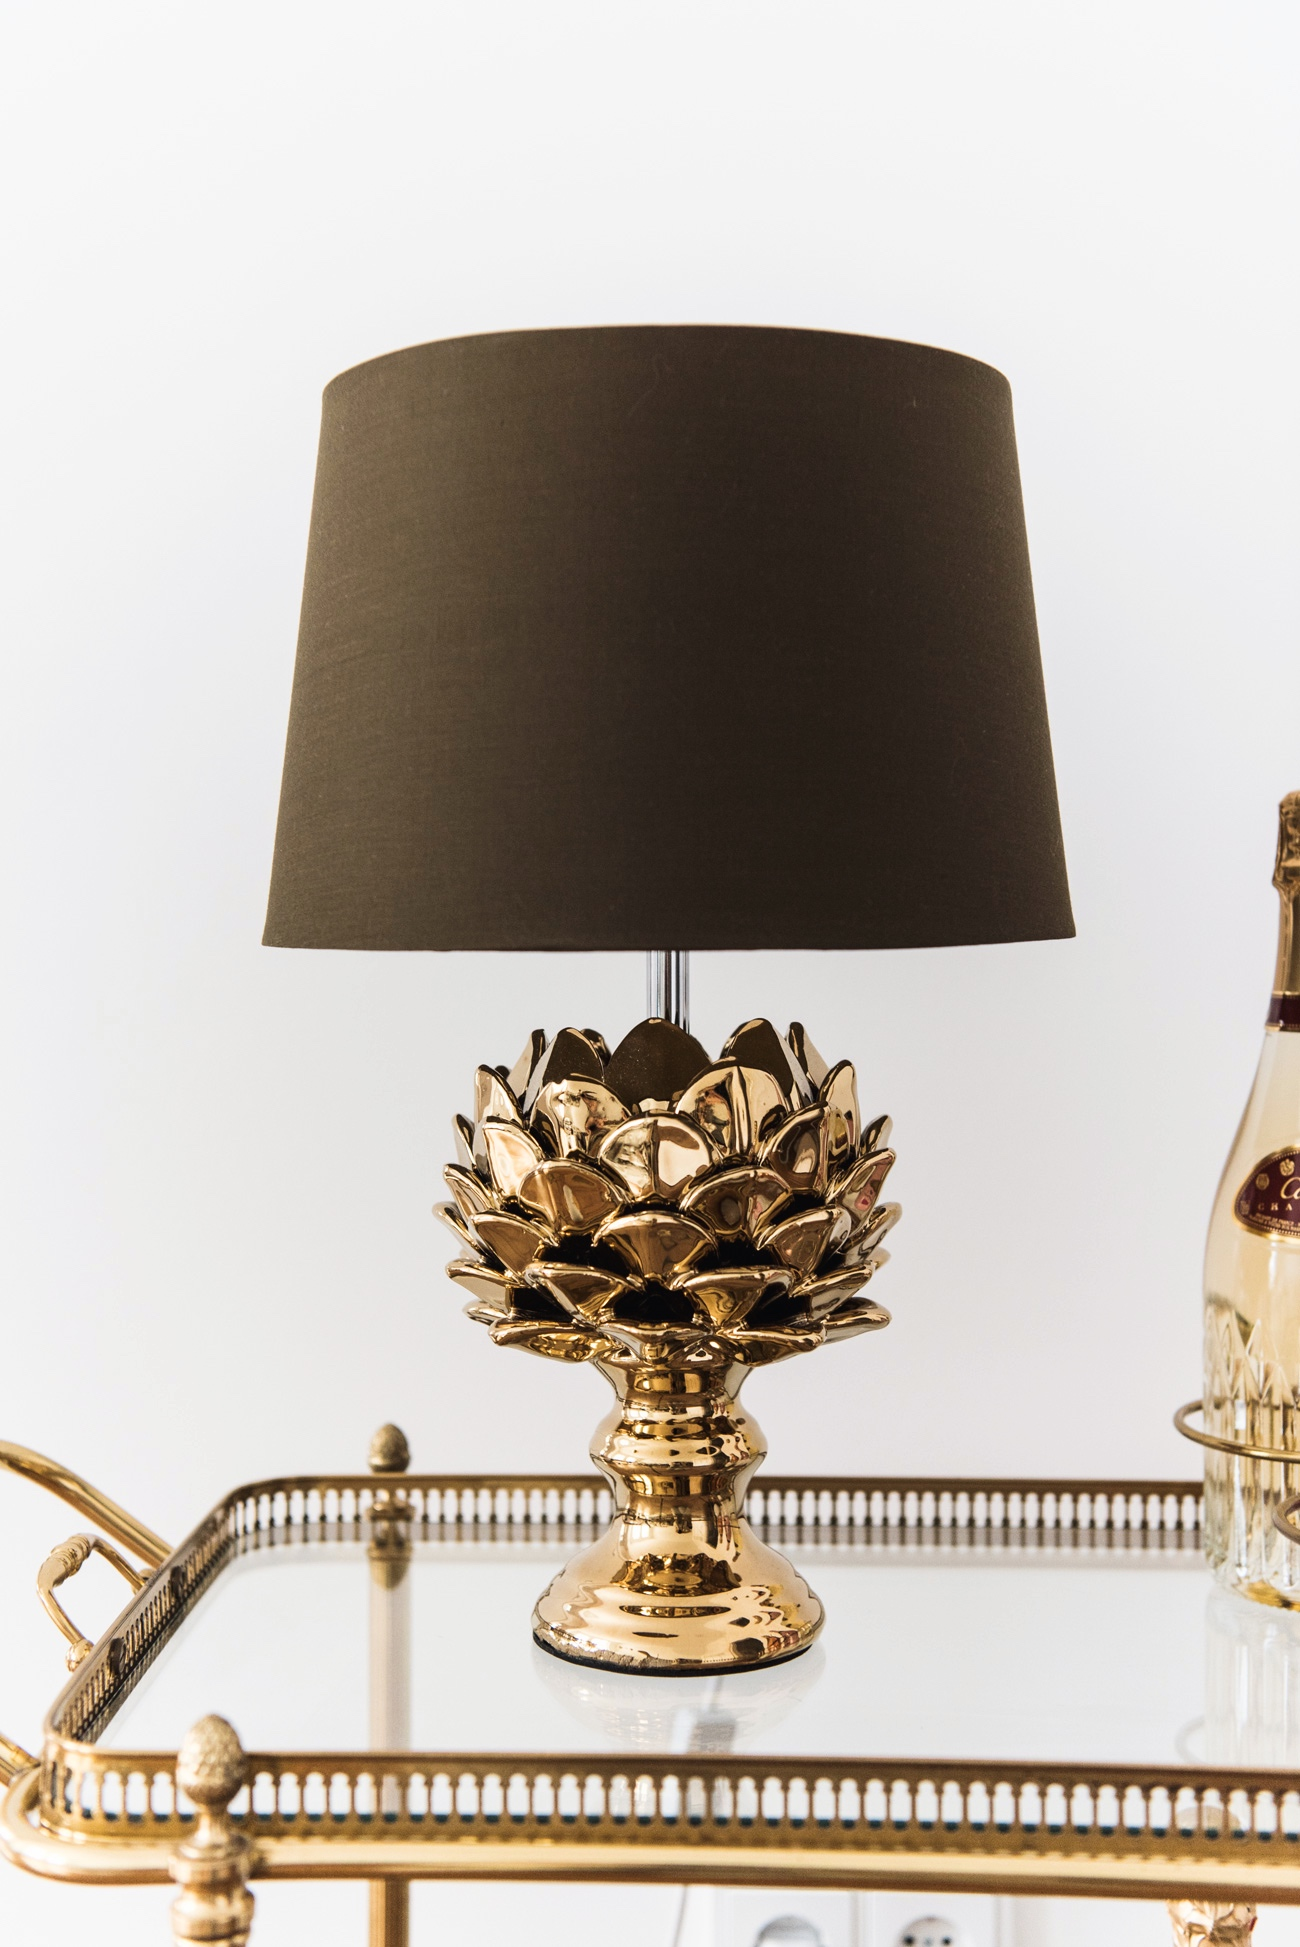 stehlampe-artischocke-ananas-form-fashiioncarpet